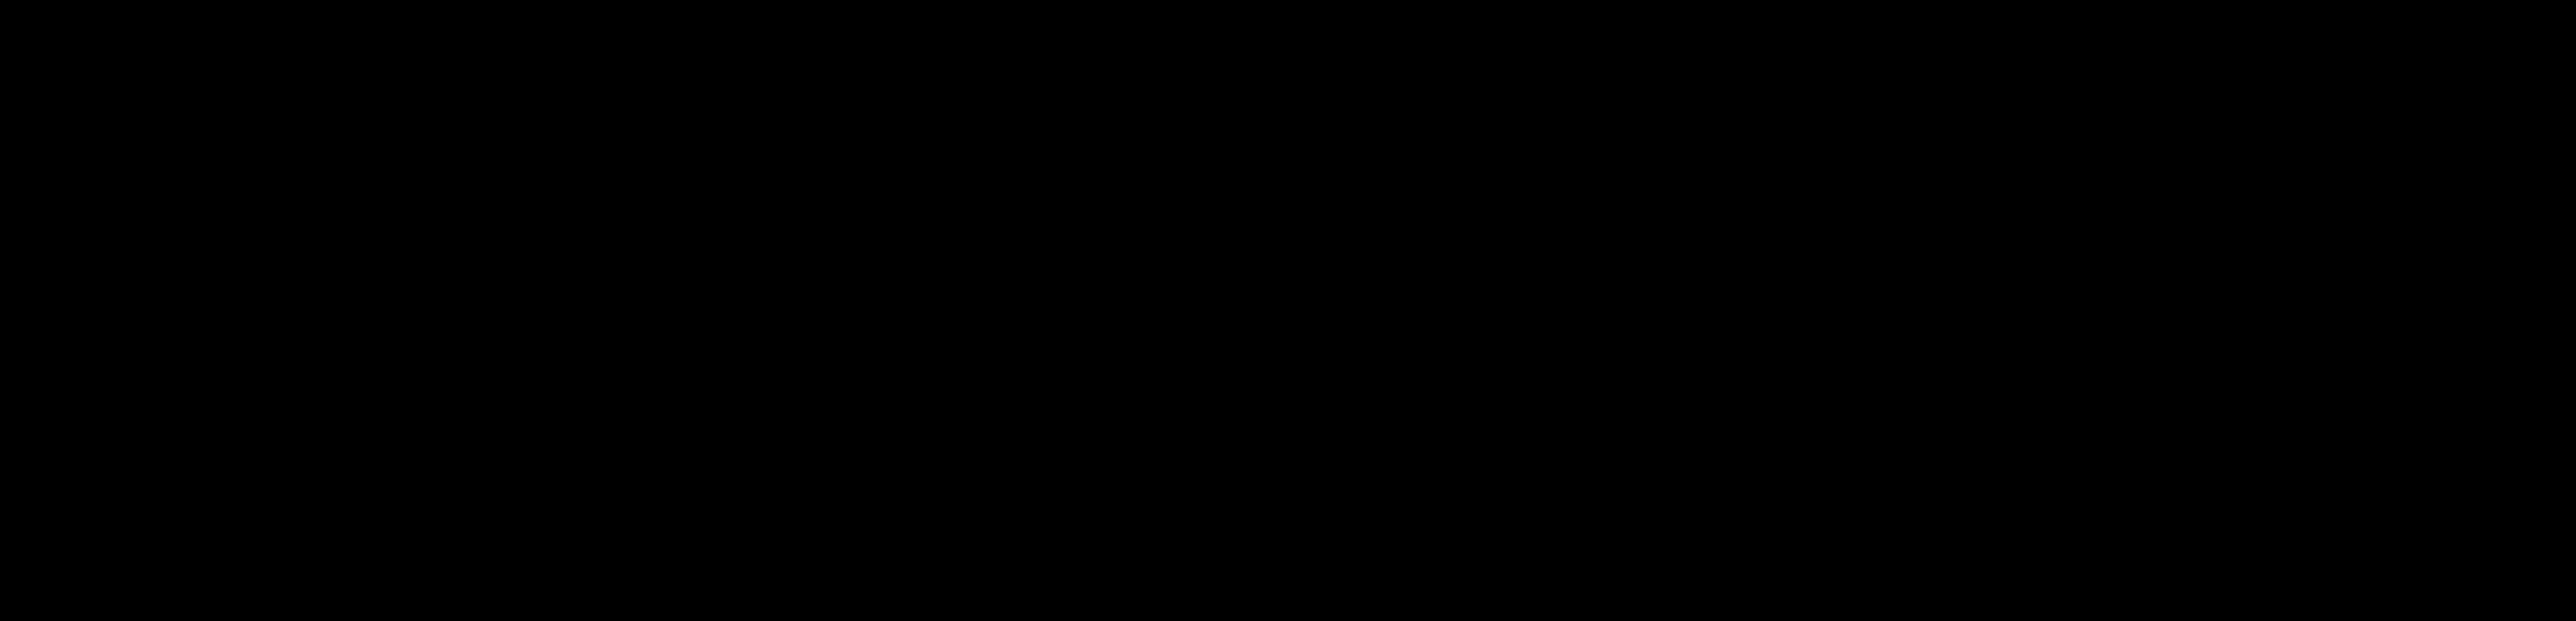 N-Boc-N-Biotinyl-4,7,10-trioxa-1,13-tridecanediamine